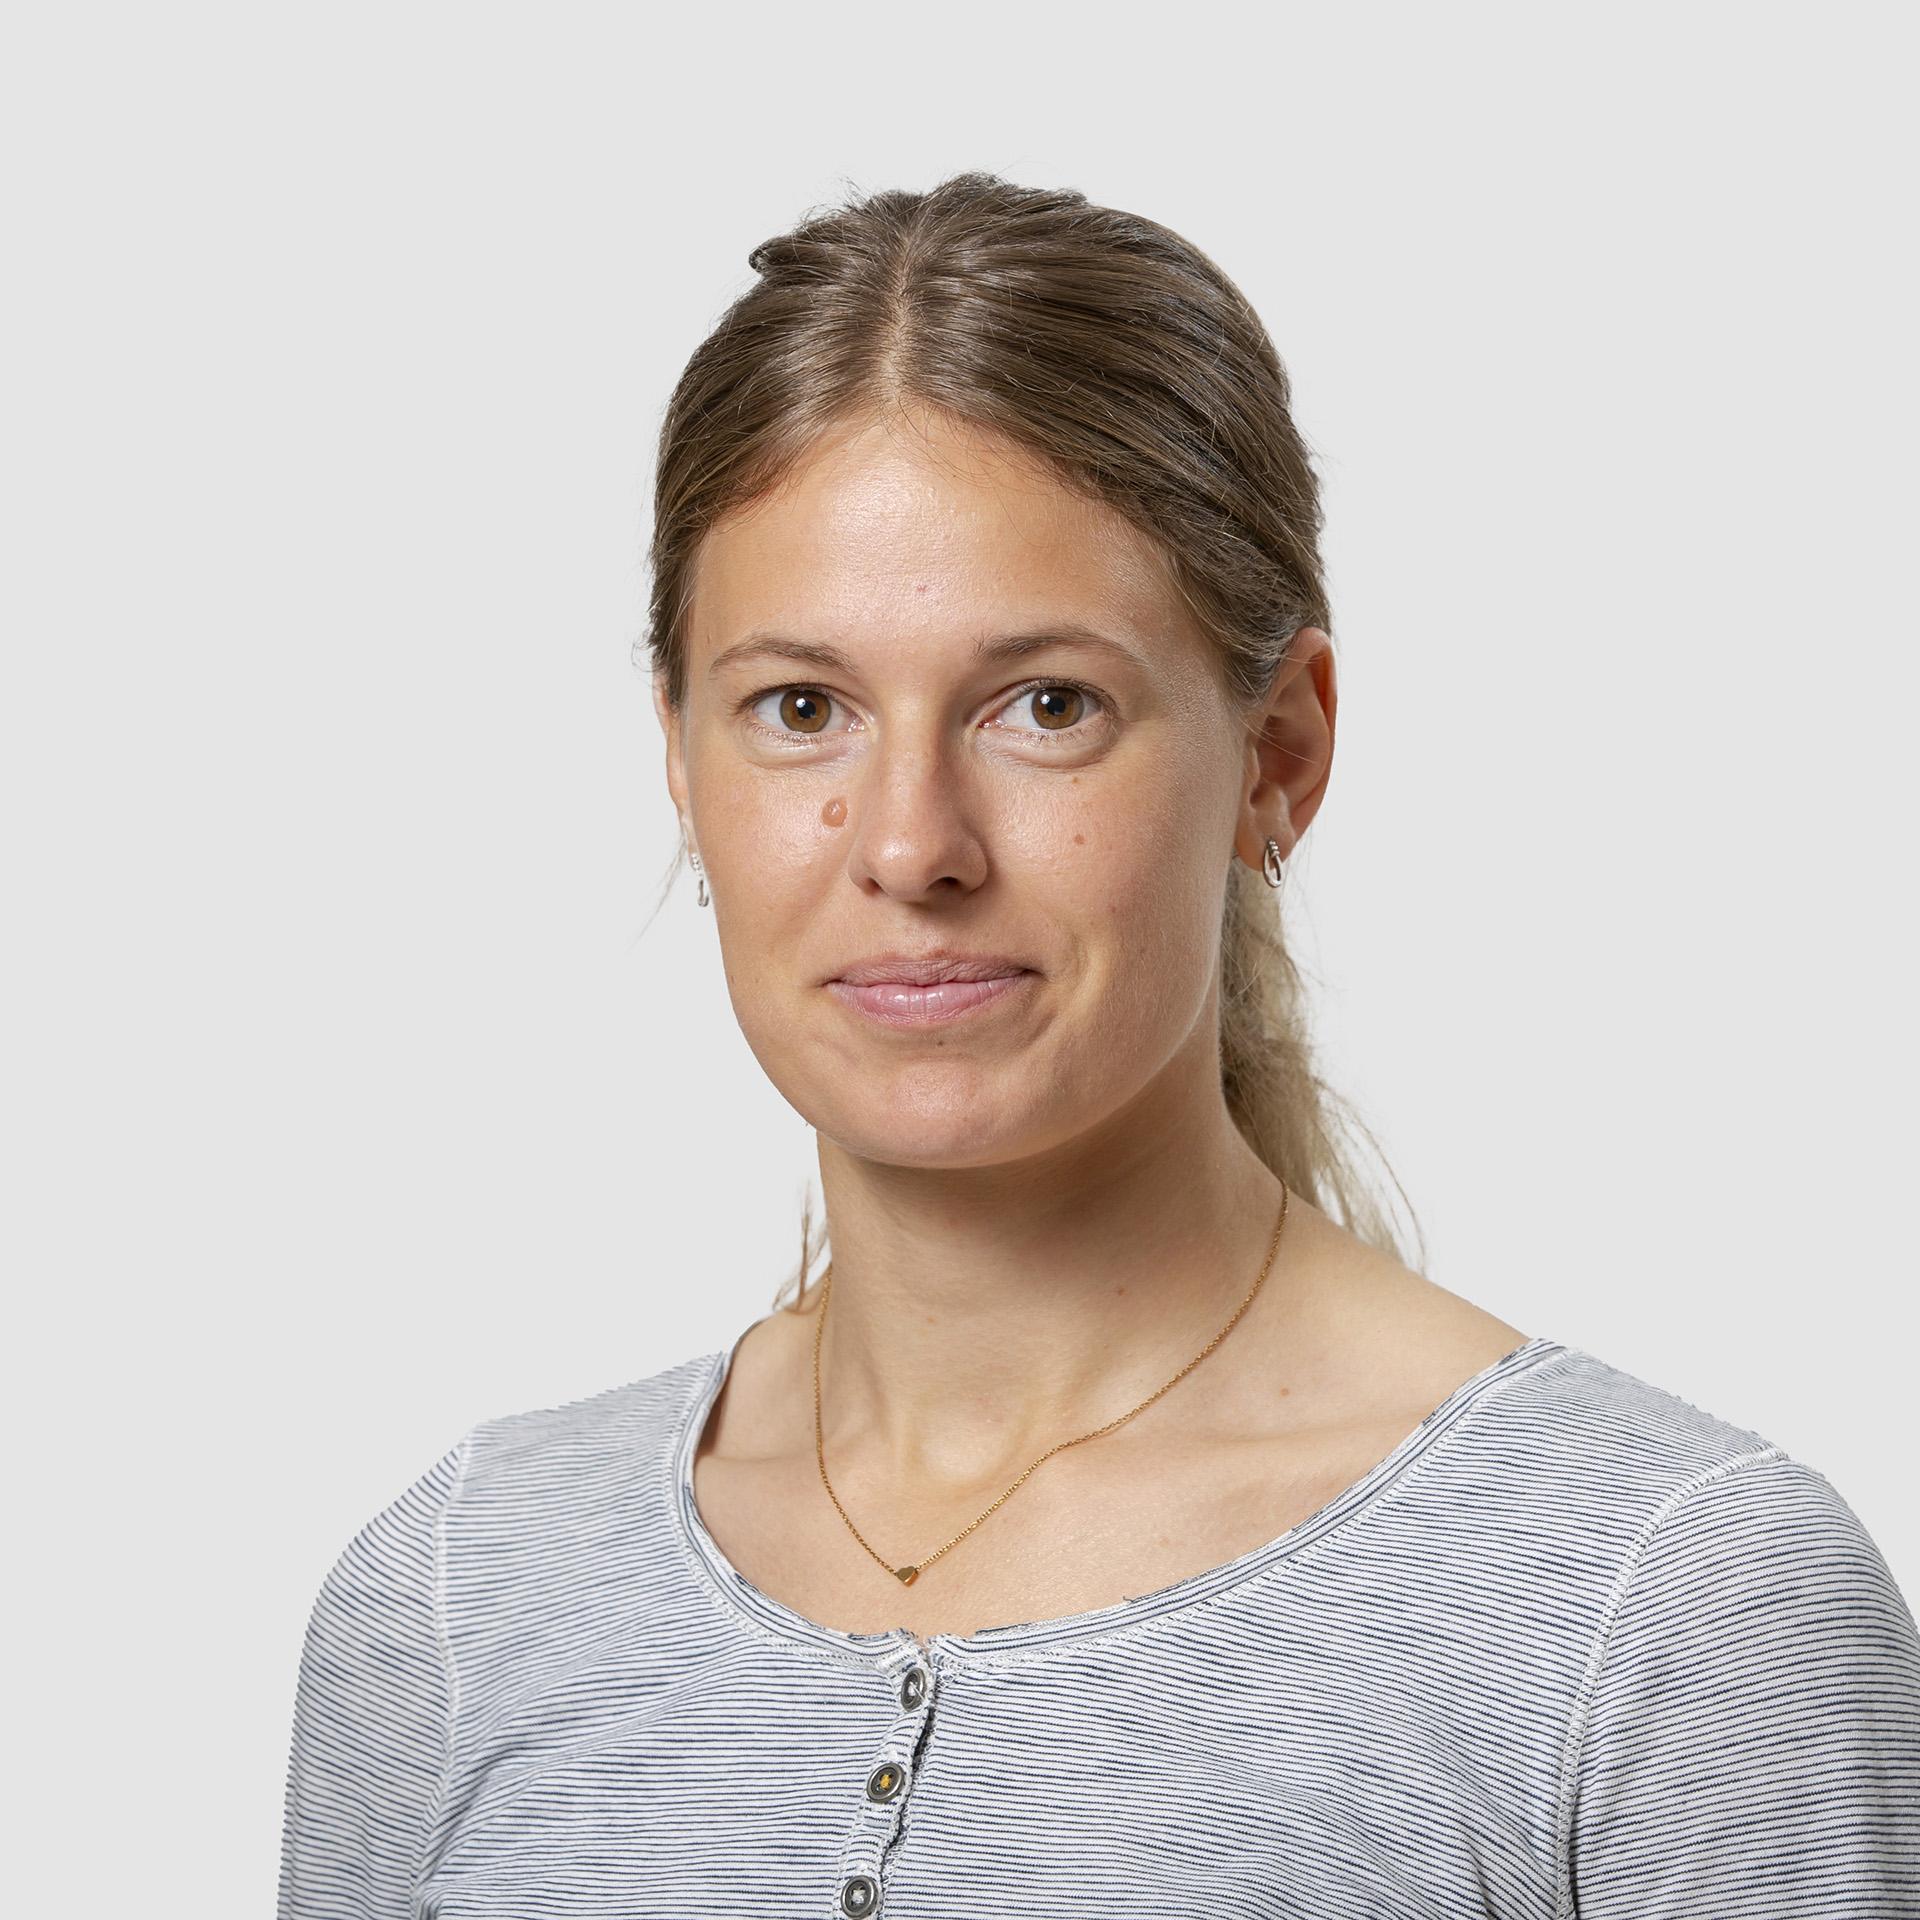 Angelica Stoehr